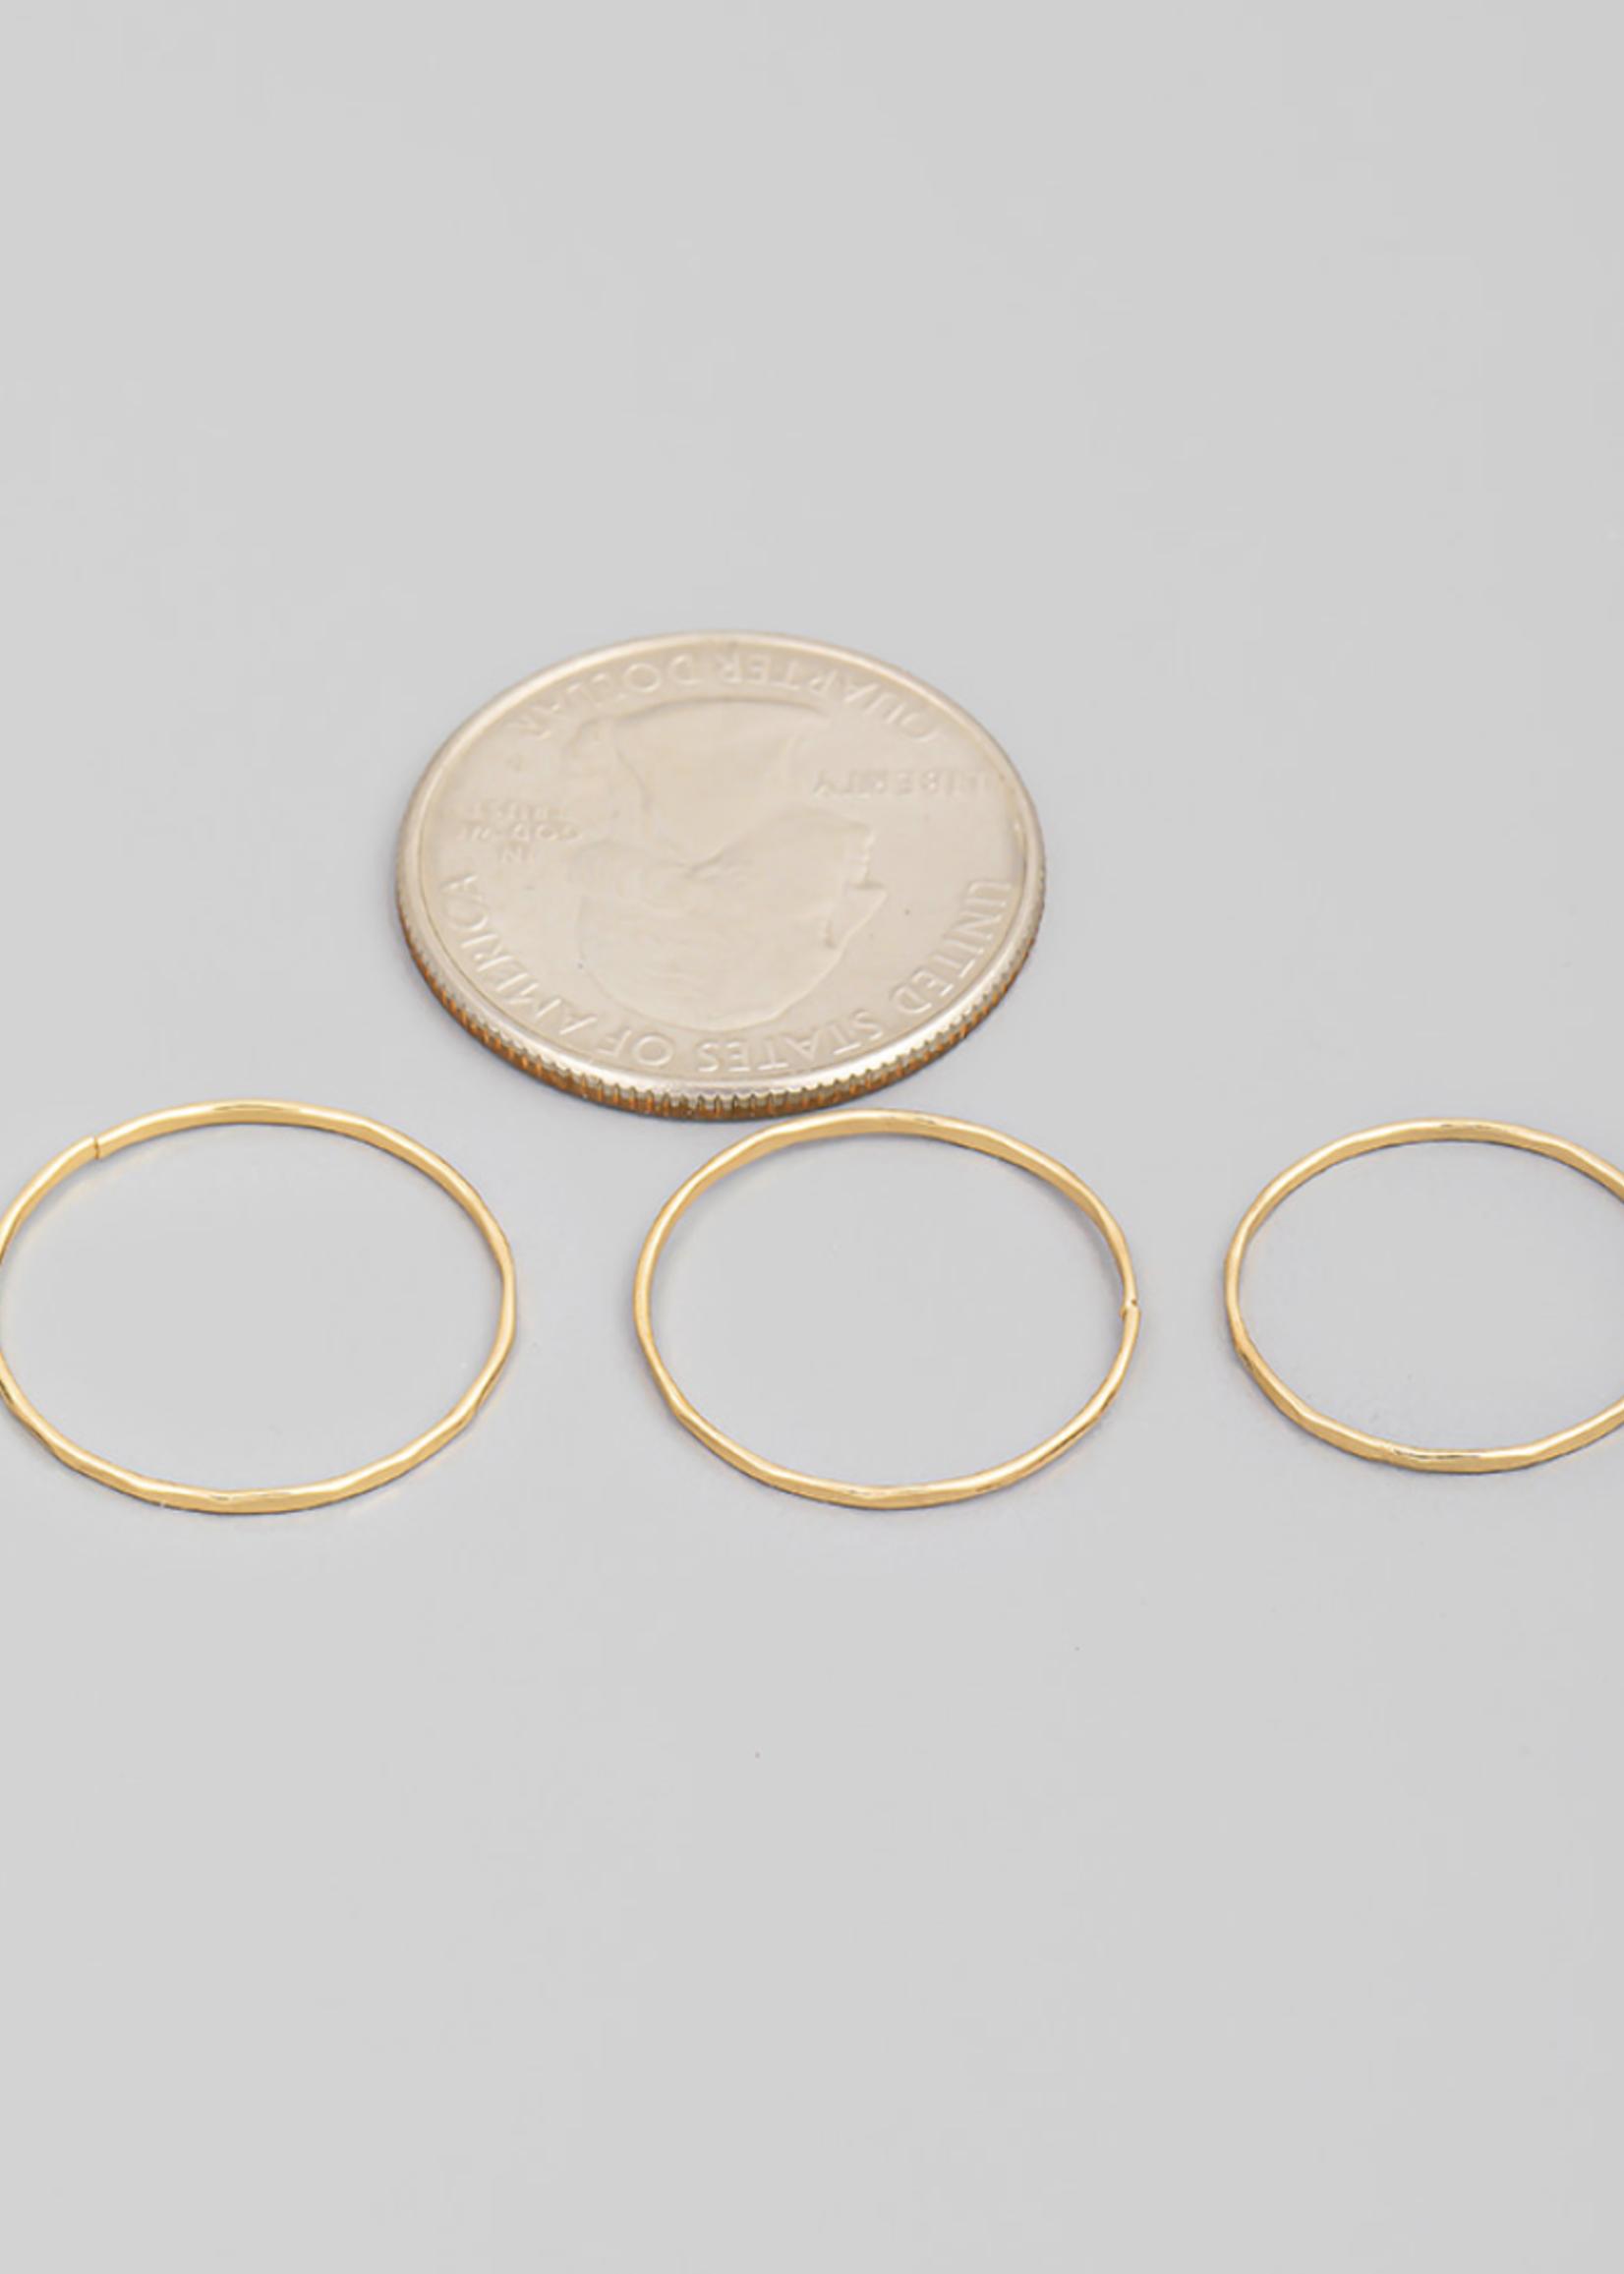 1056 rings